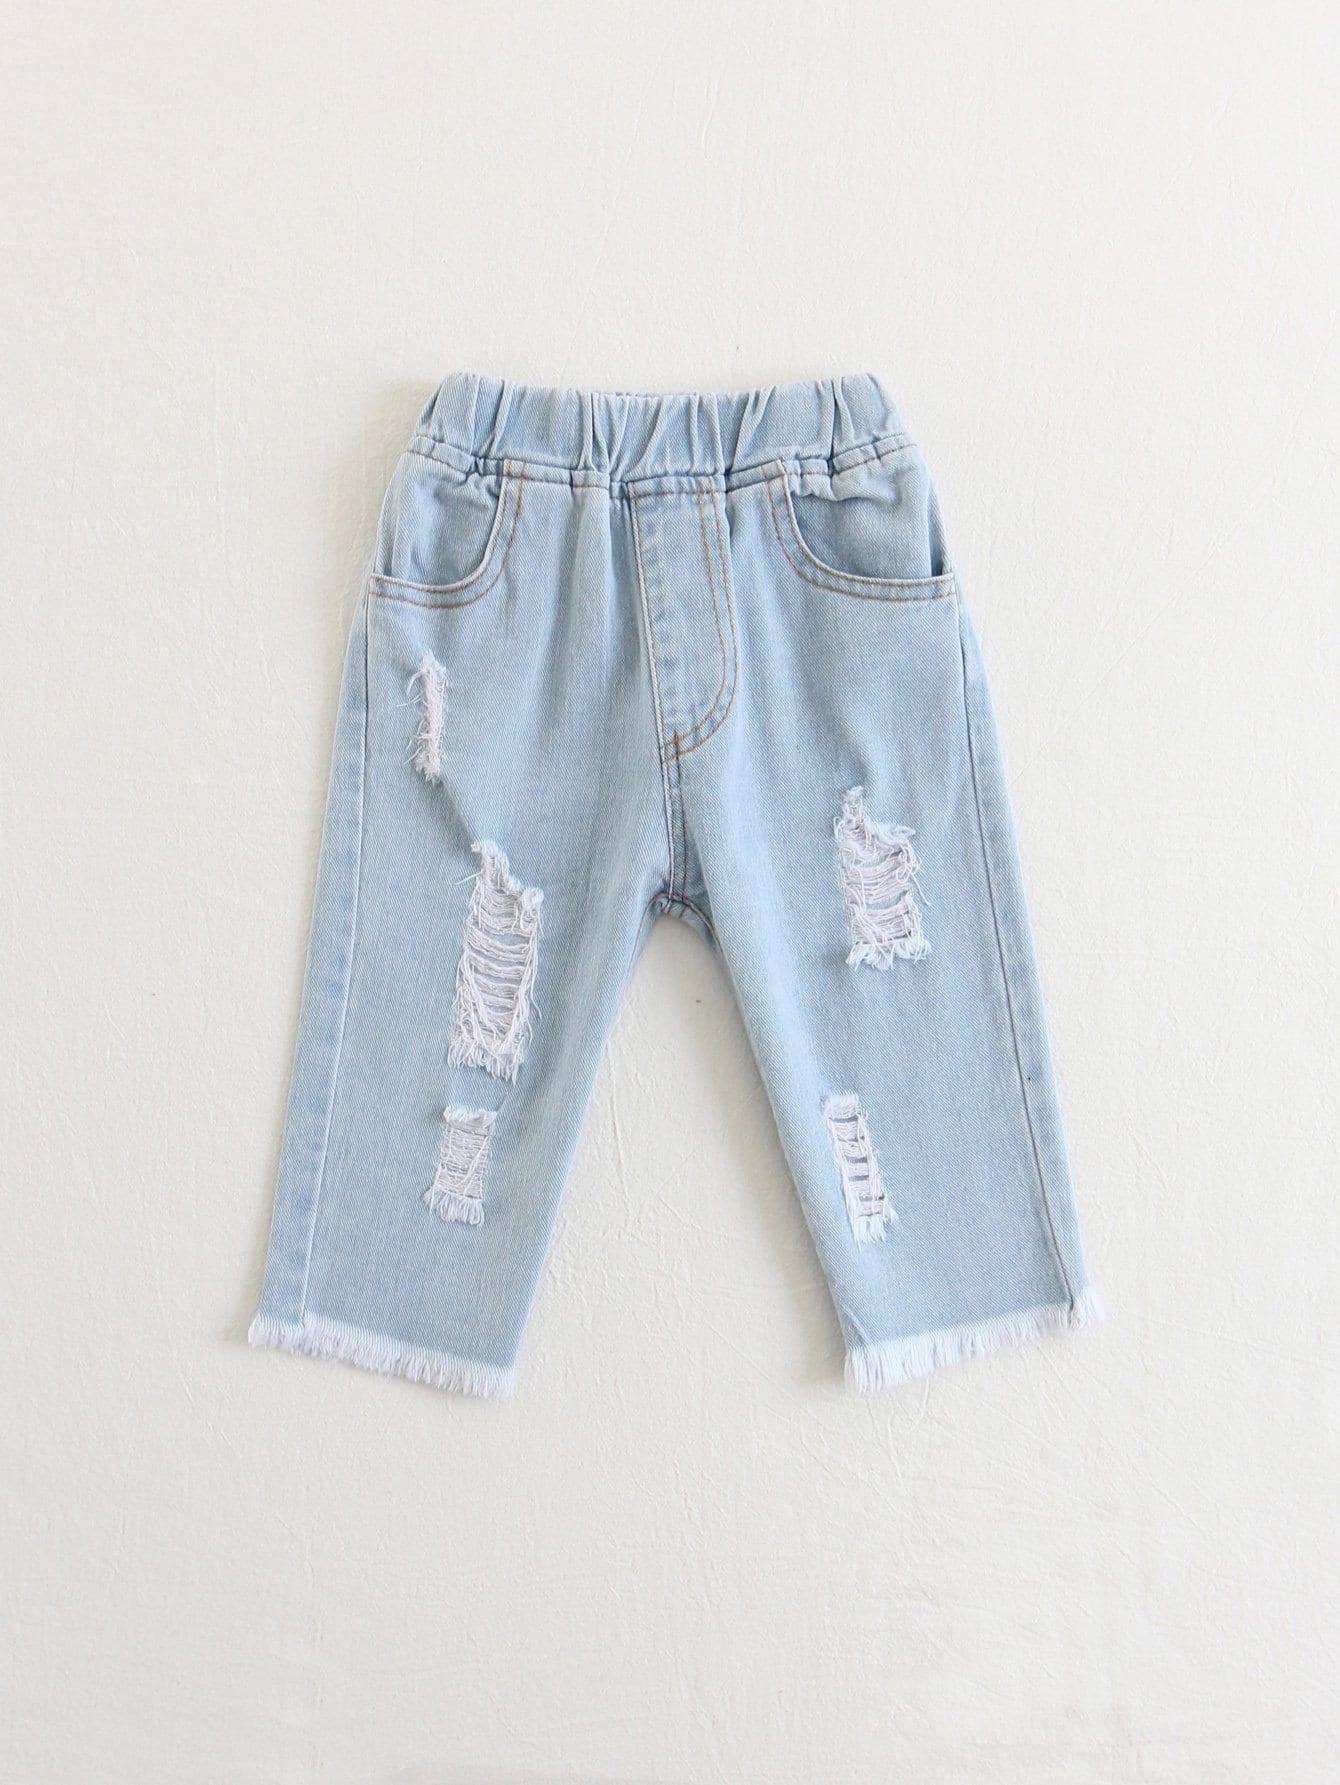 Рваные джинсы для детей, null, SheIn  - купить со скидкой